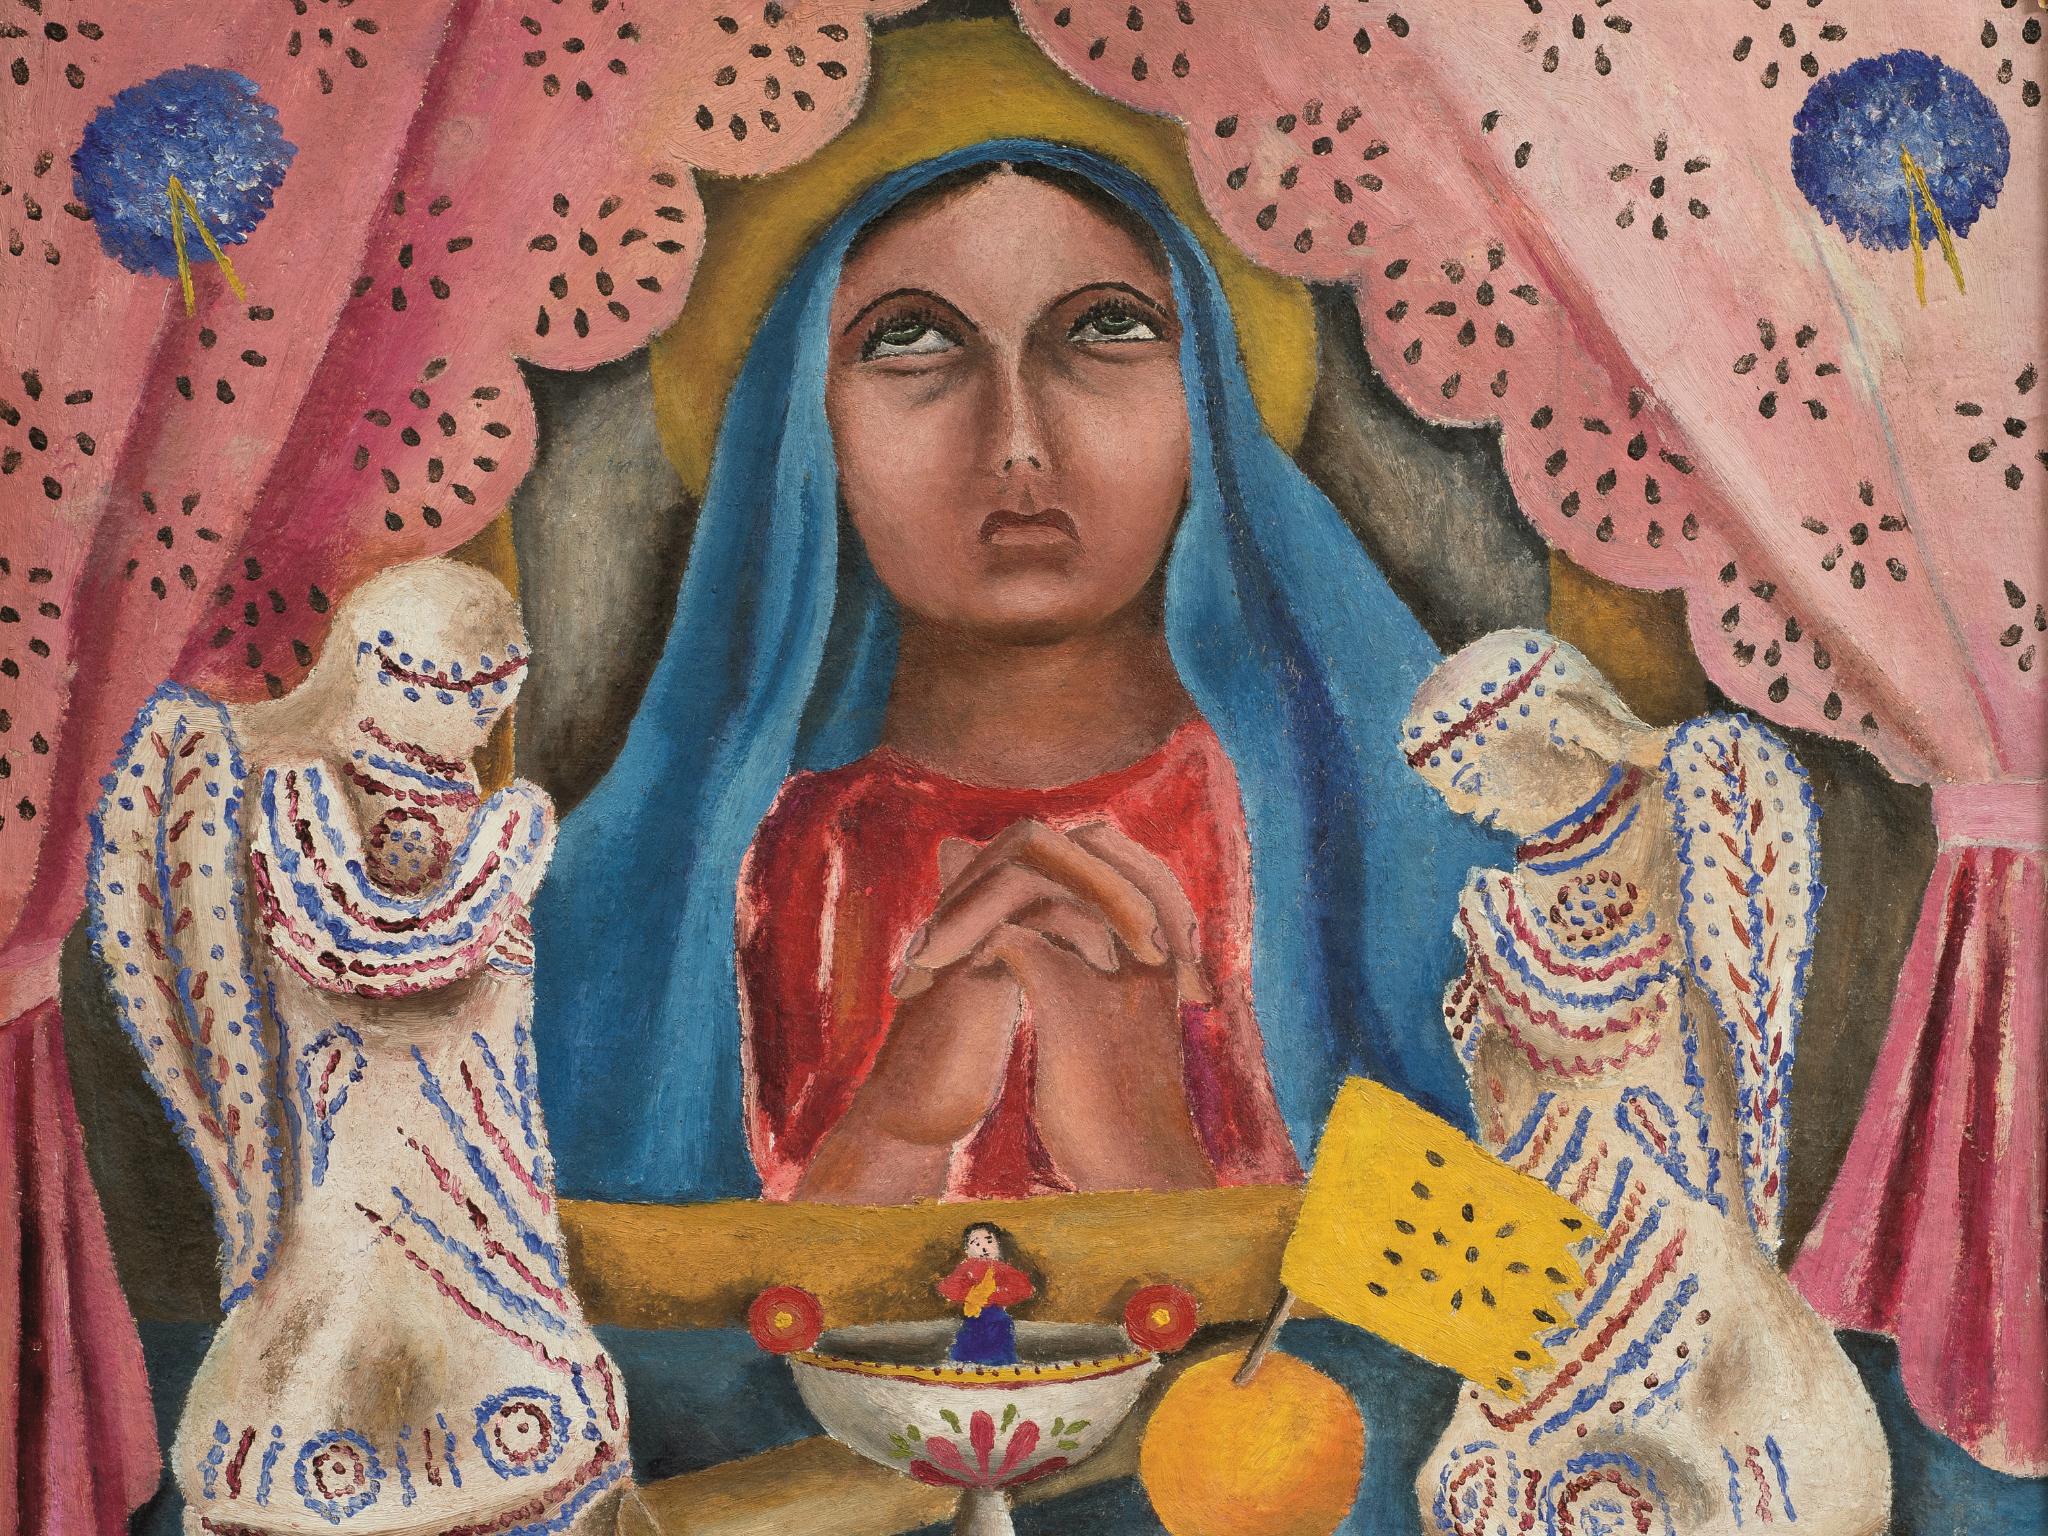 Altar de Dolores, de María Izquierdo